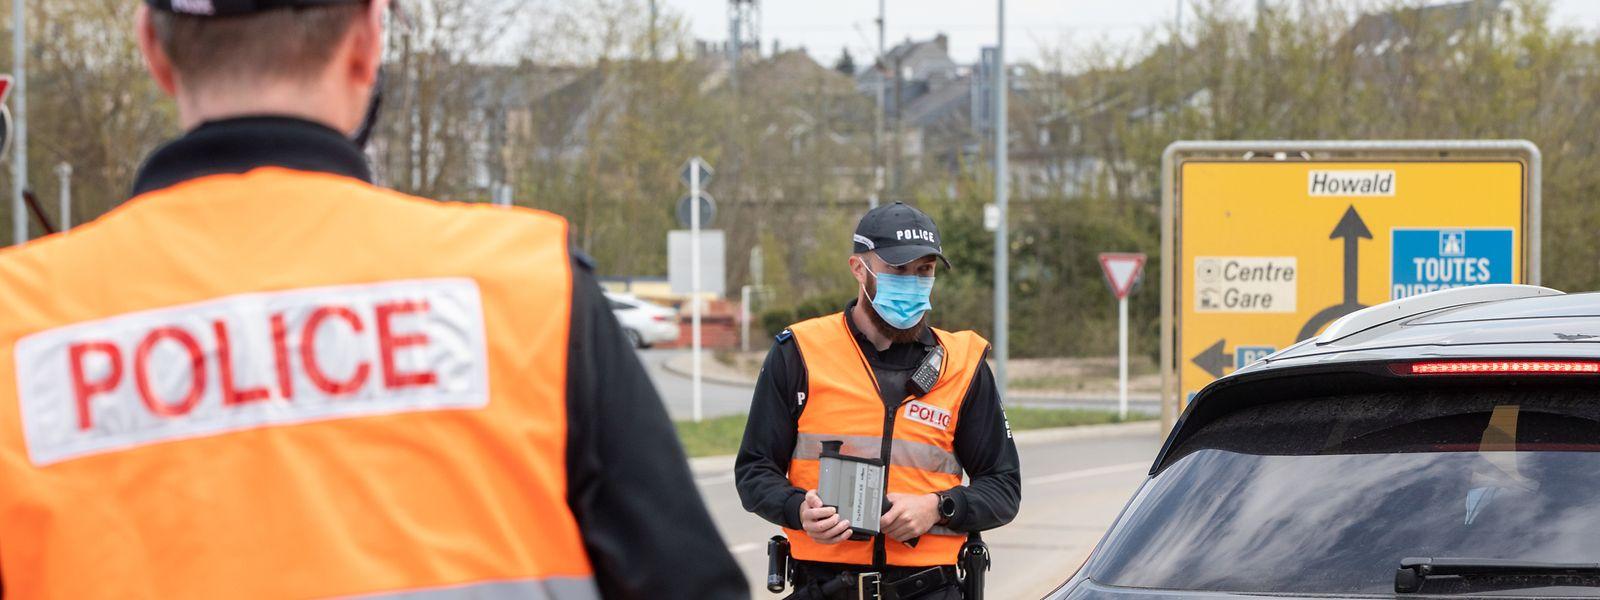 Polizisten während einer Radarkontrolle in der Nähe der Stadt Luxemburg.